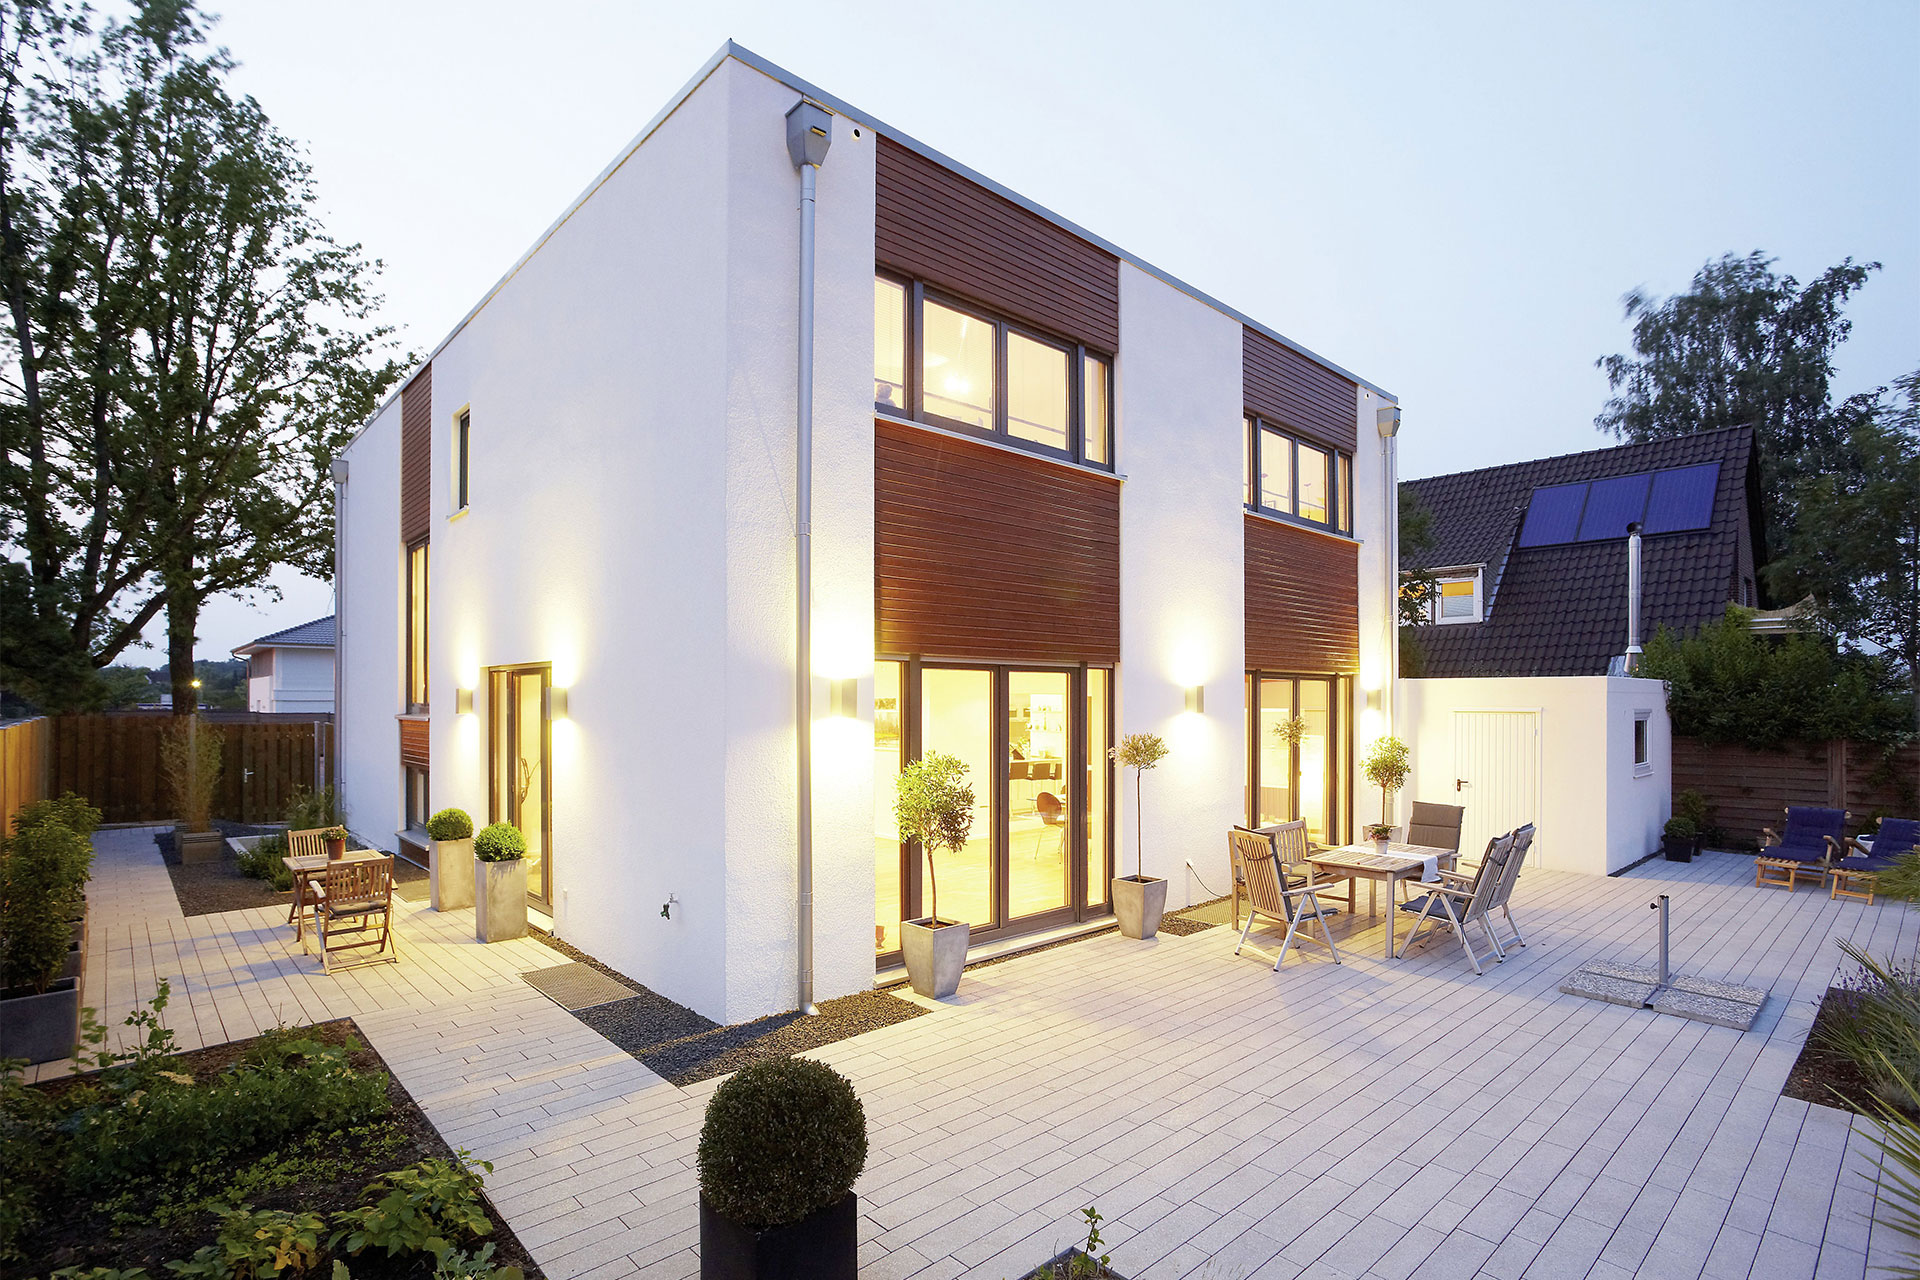 Wunderbar Haus Mit Flachdach Foto Von Lido